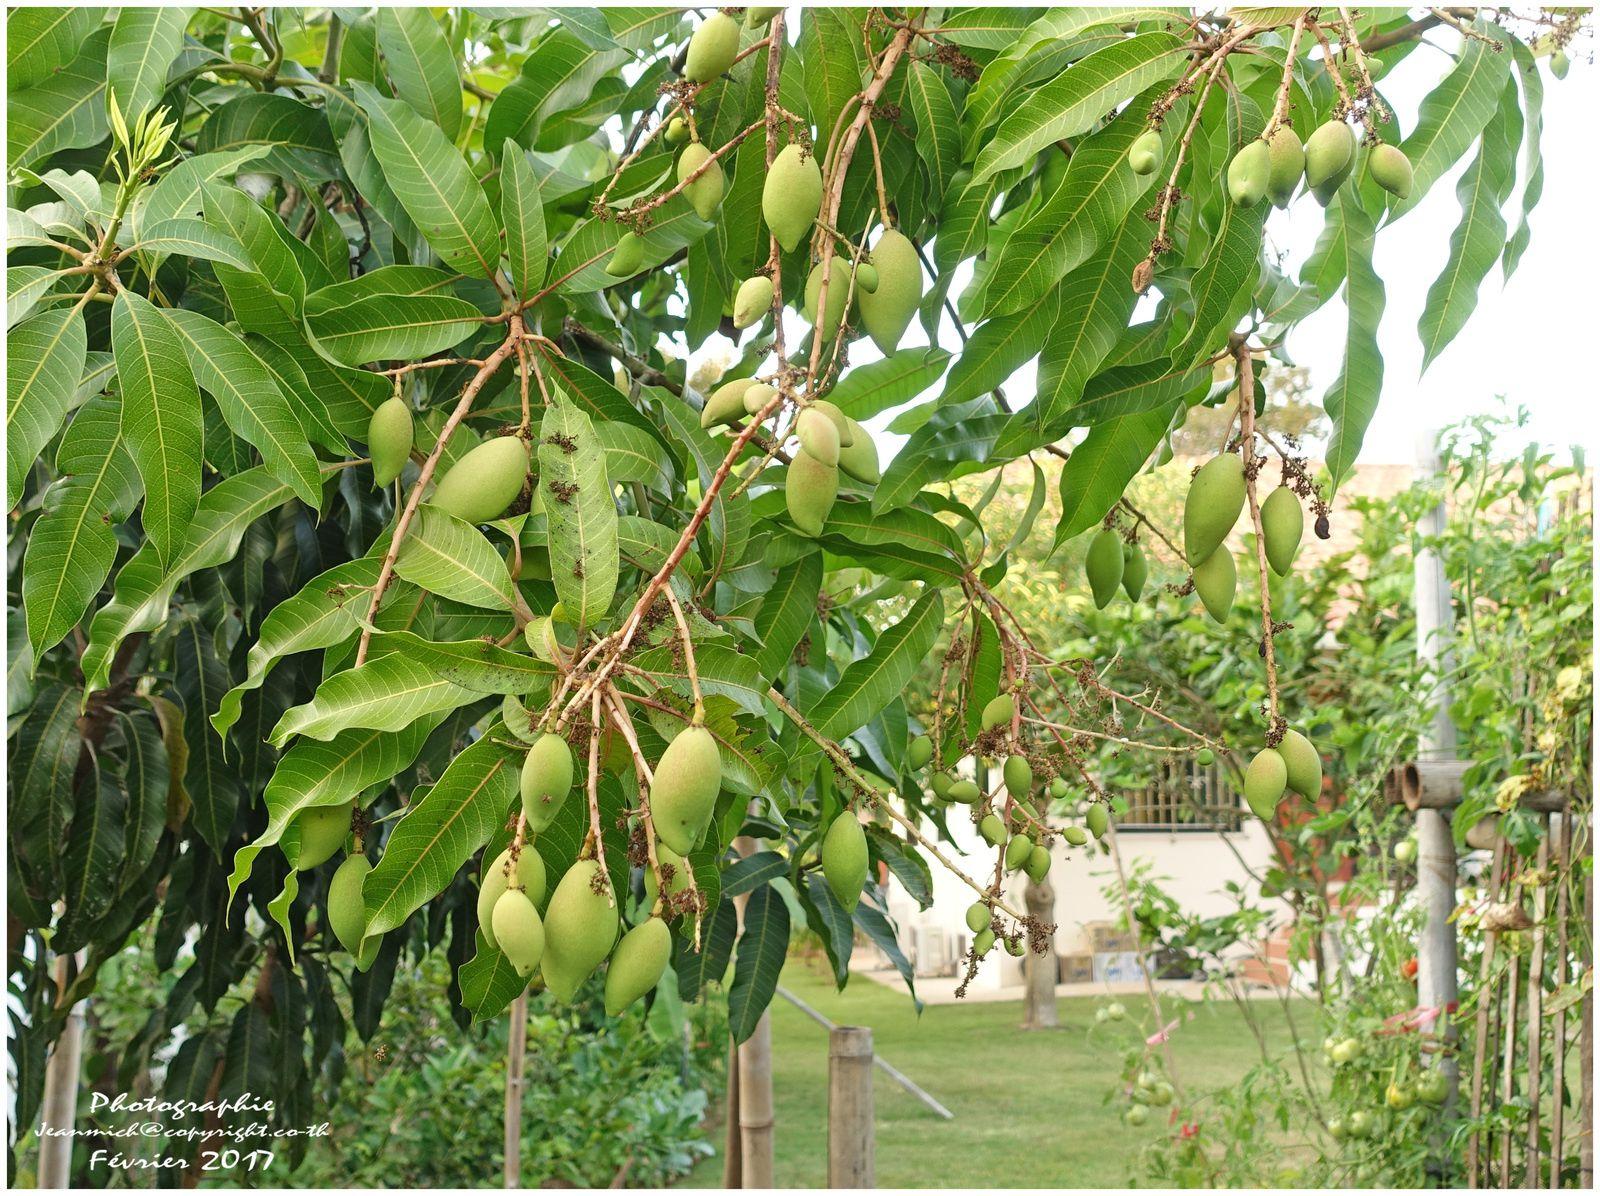 Petit tour au potager et dans les fruitiers en ce mois de février (Thaïlande)